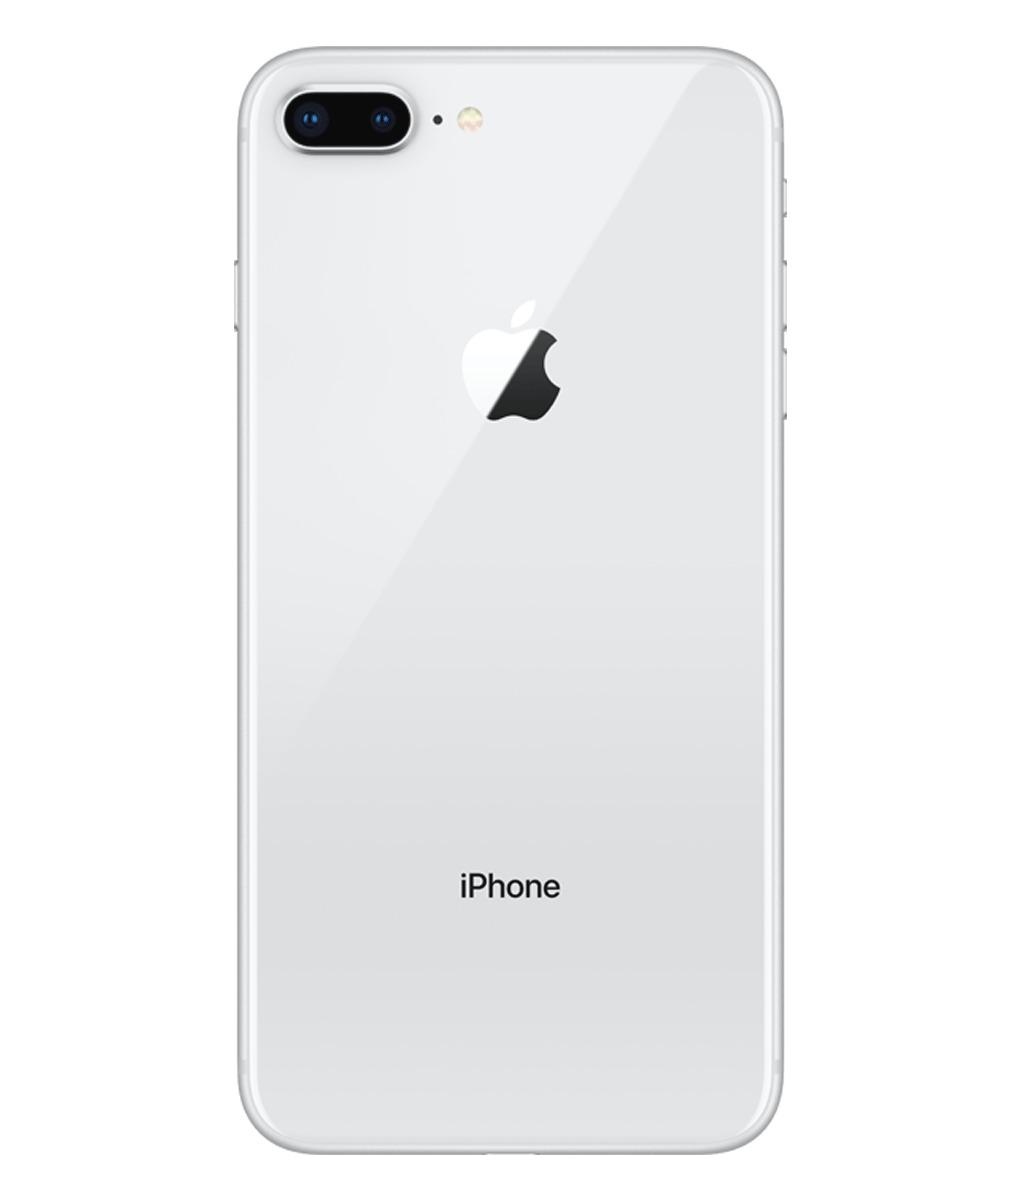 Apple iPhone 8 Plus - Zadné sklo housingu iPhone 8 Plus + sklíčko zadnej kamery - biele